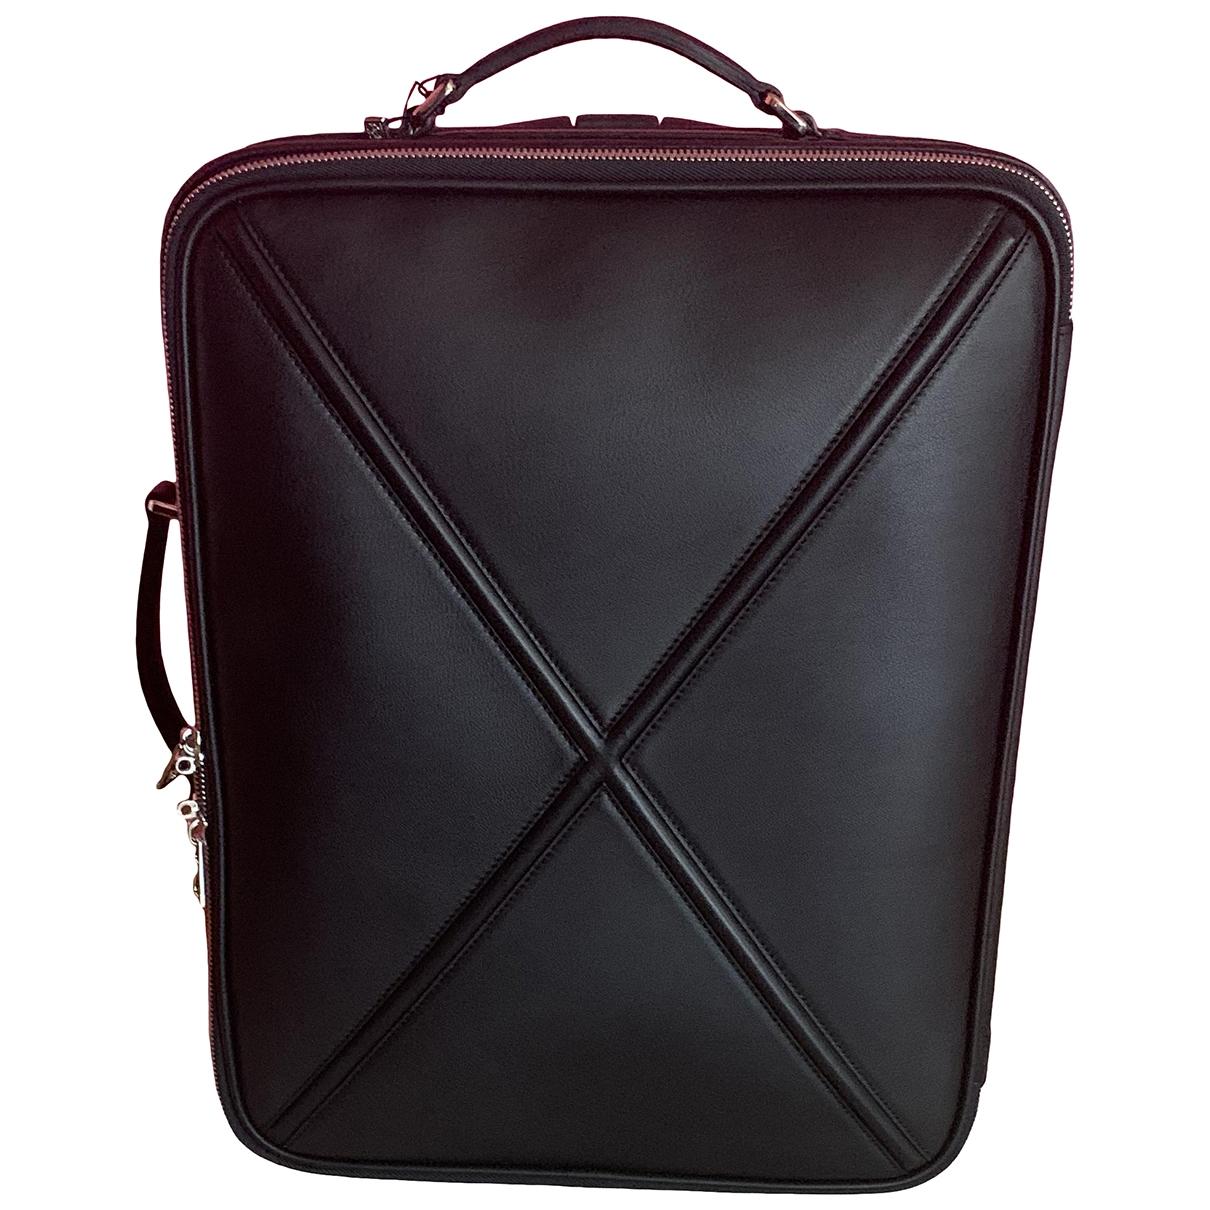 Loewe \N Reisetasche in  Schwarz Leder